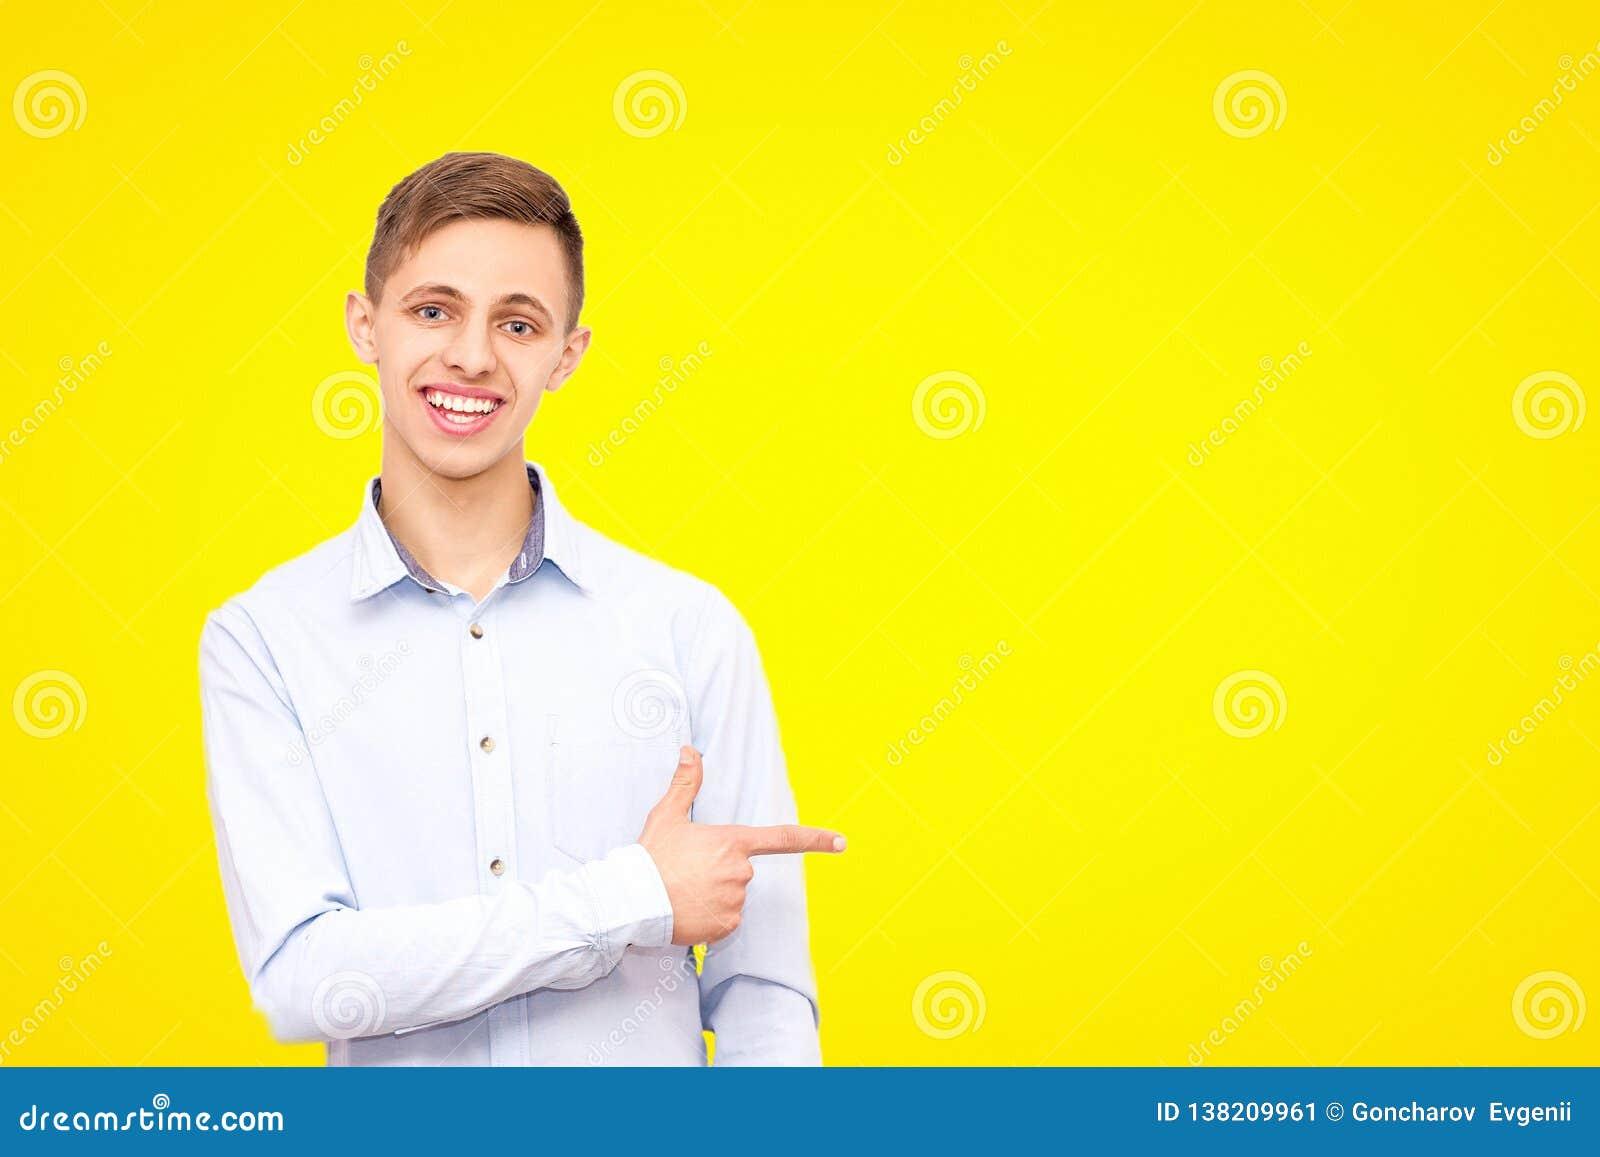 En grabb i en blå skjorta annonserar en produkt som isoleras på en gul bakgrund